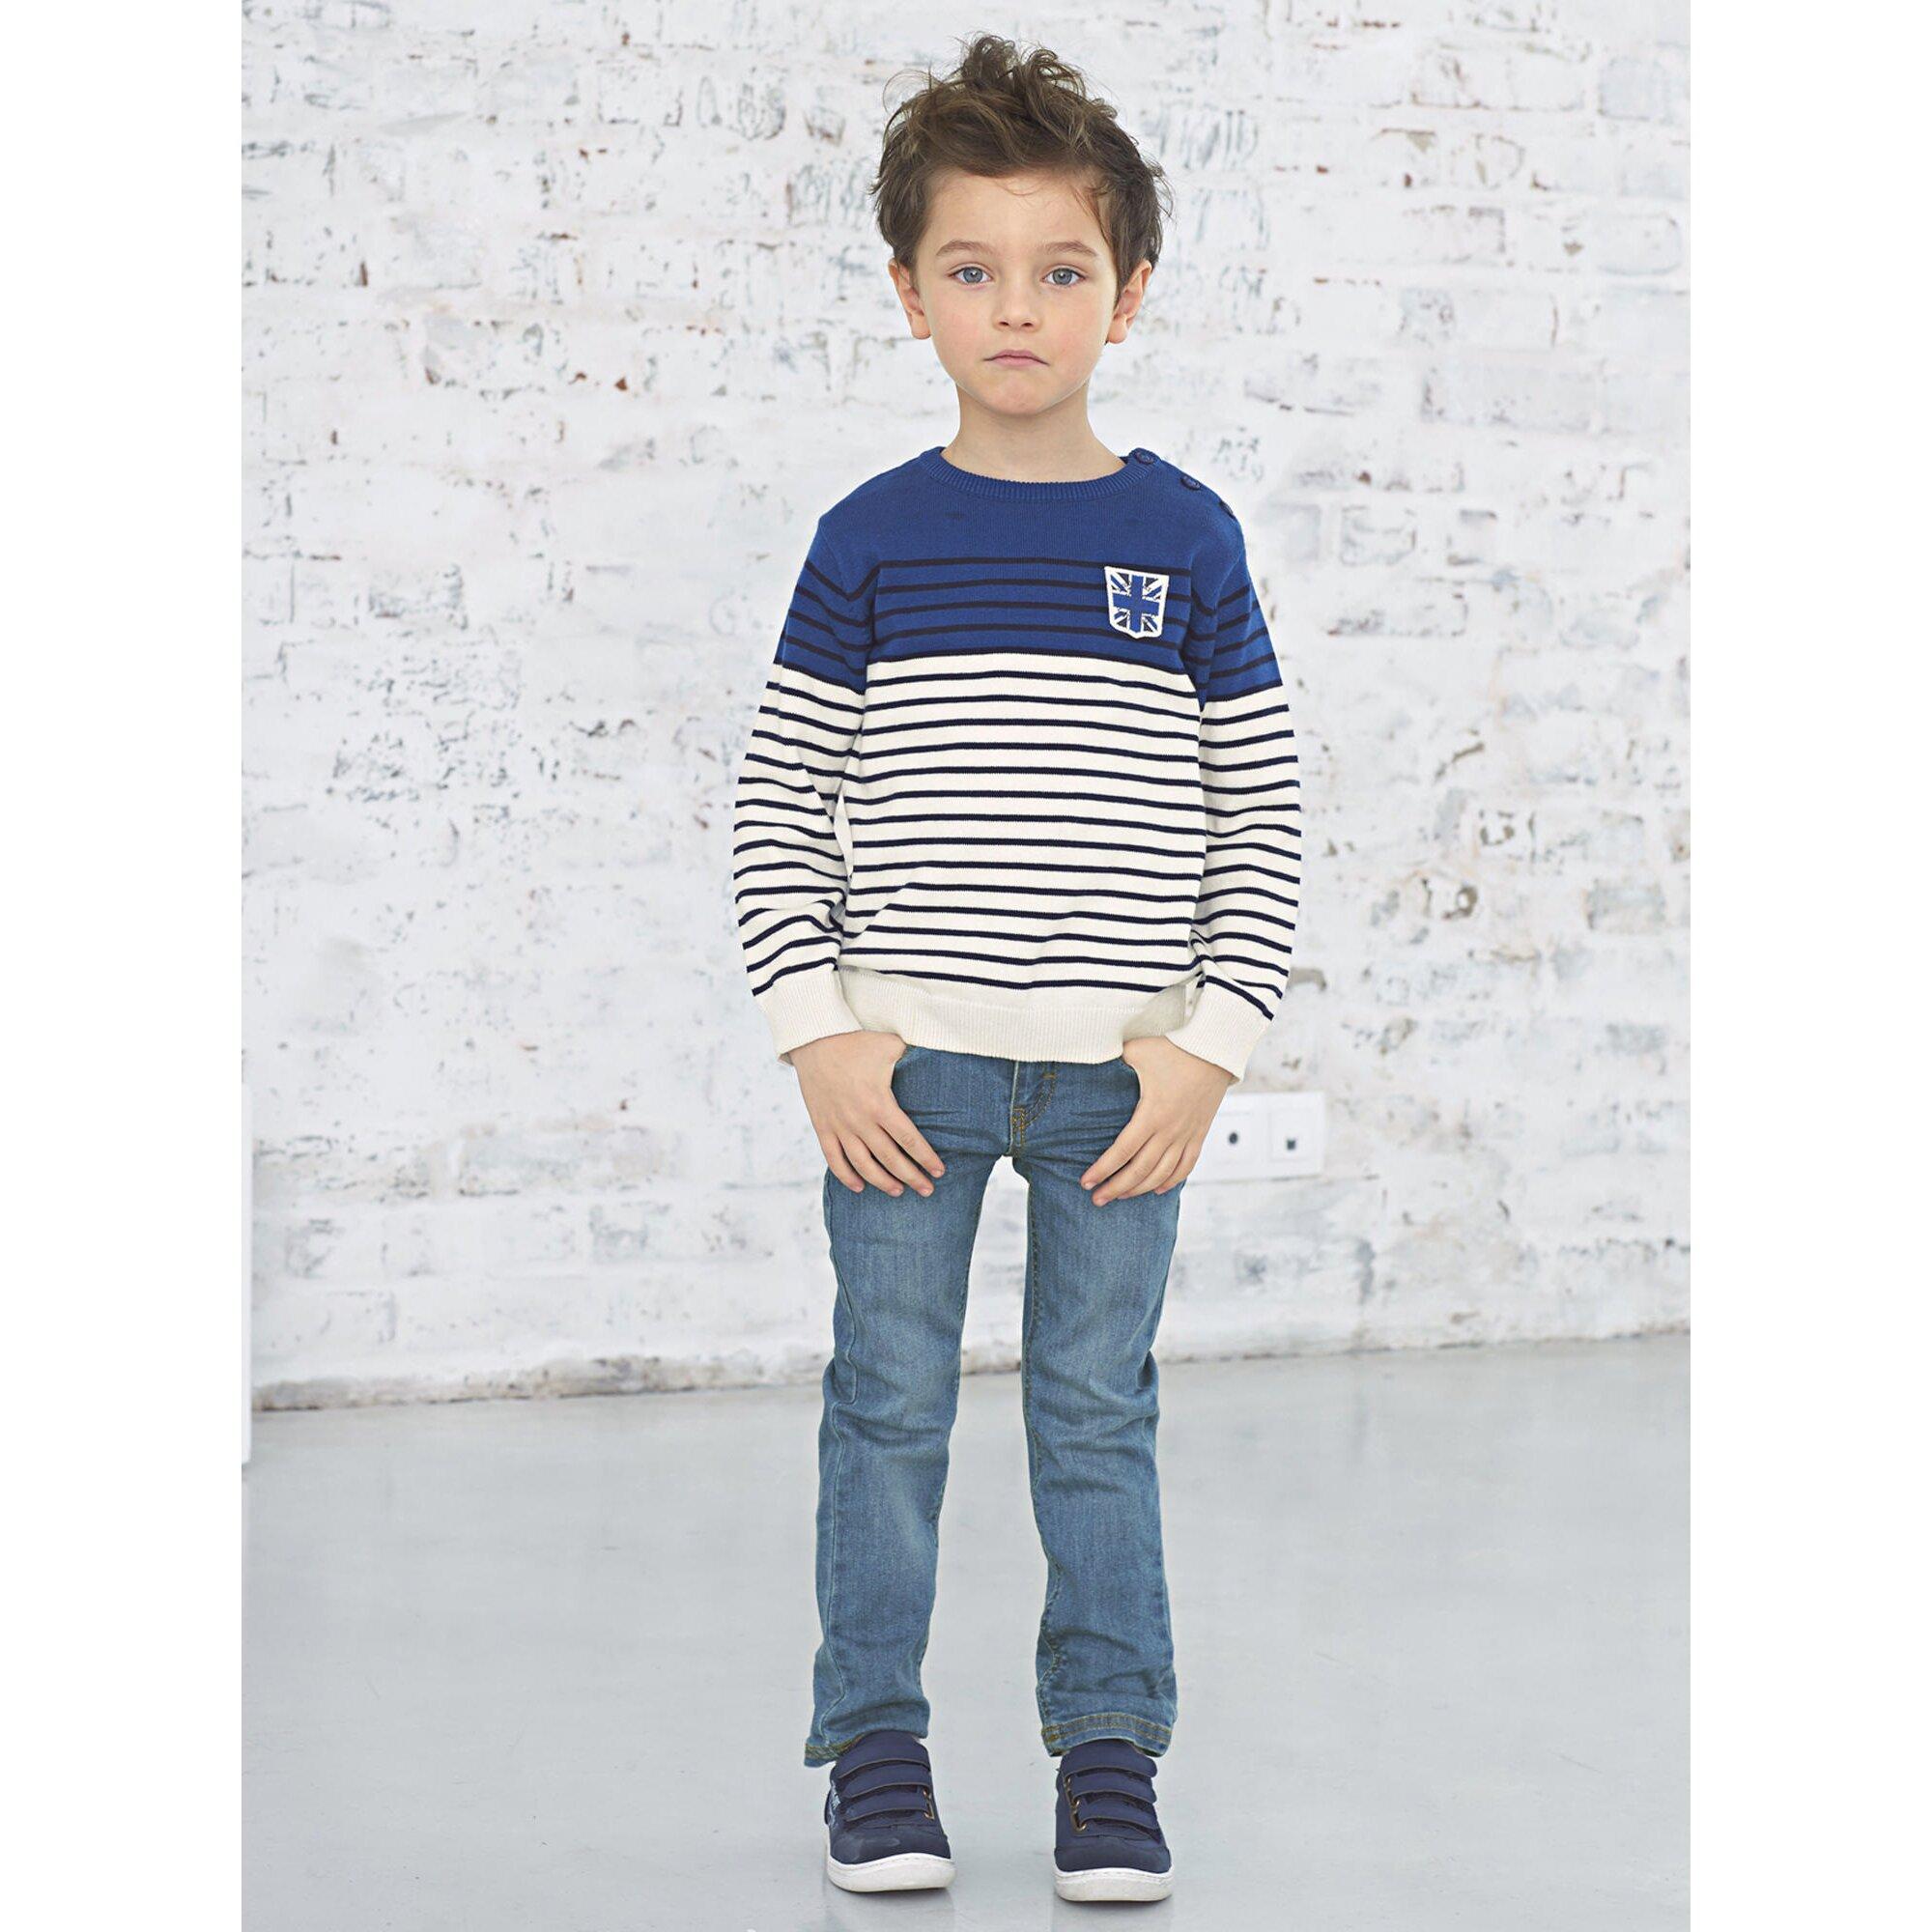 vertbaudet-slim-fit-jeans-fur-jungen-huftweite-slim, 20.99 EUR @ babywalz-de